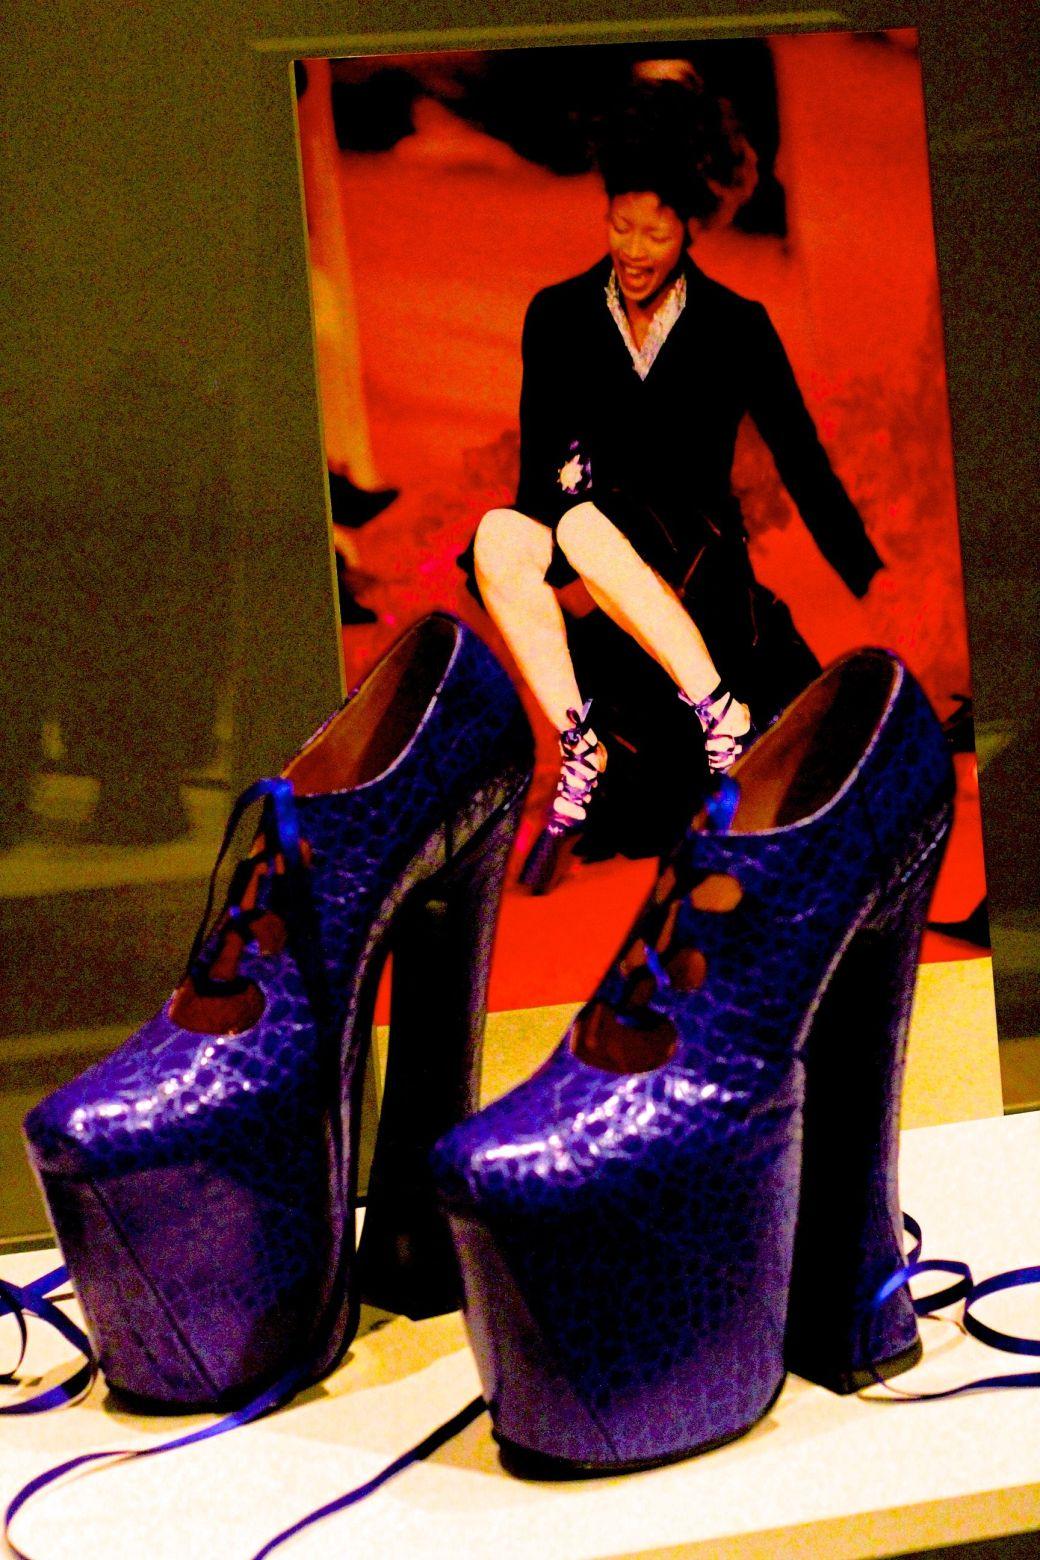 salem-peabody-essex-shoe-exhibit-2